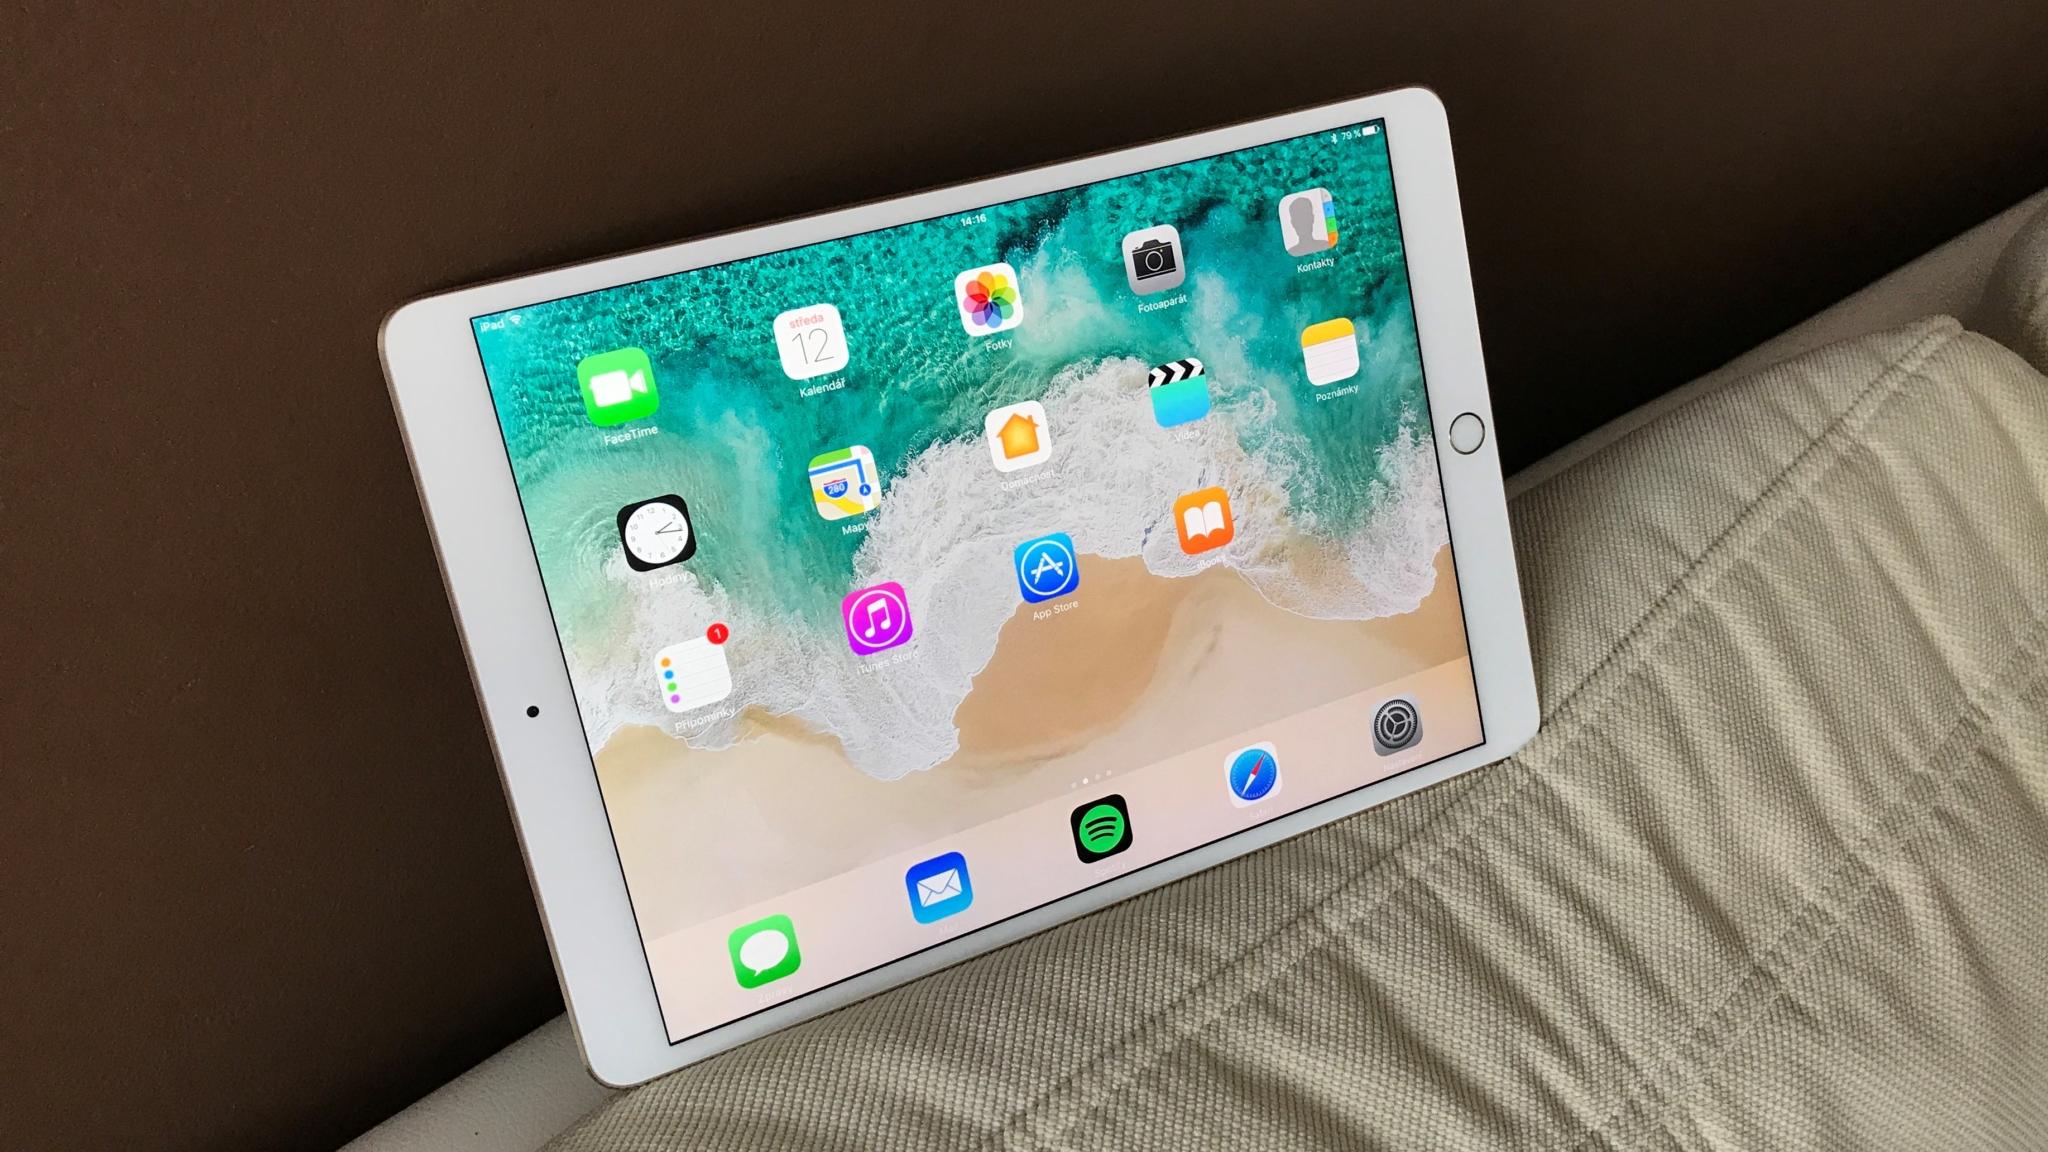 Základní iPad se má dočkat procesoru A13 a většího displeje už na jaře 2021